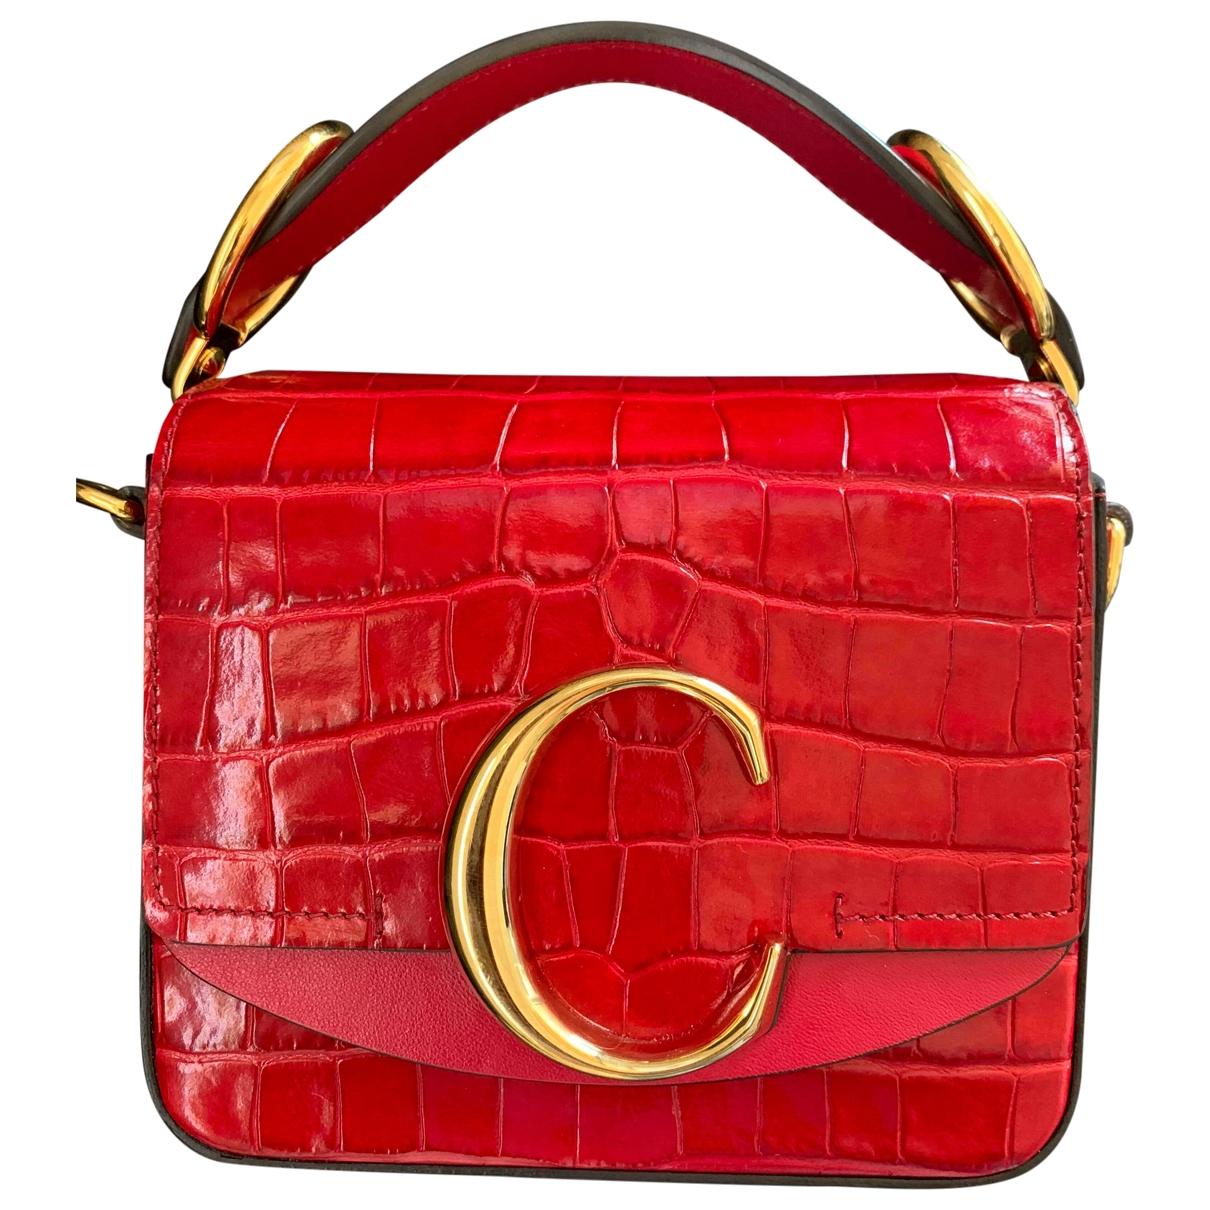 Chloe - Sac a main C pour femme en cuir verni - rouge